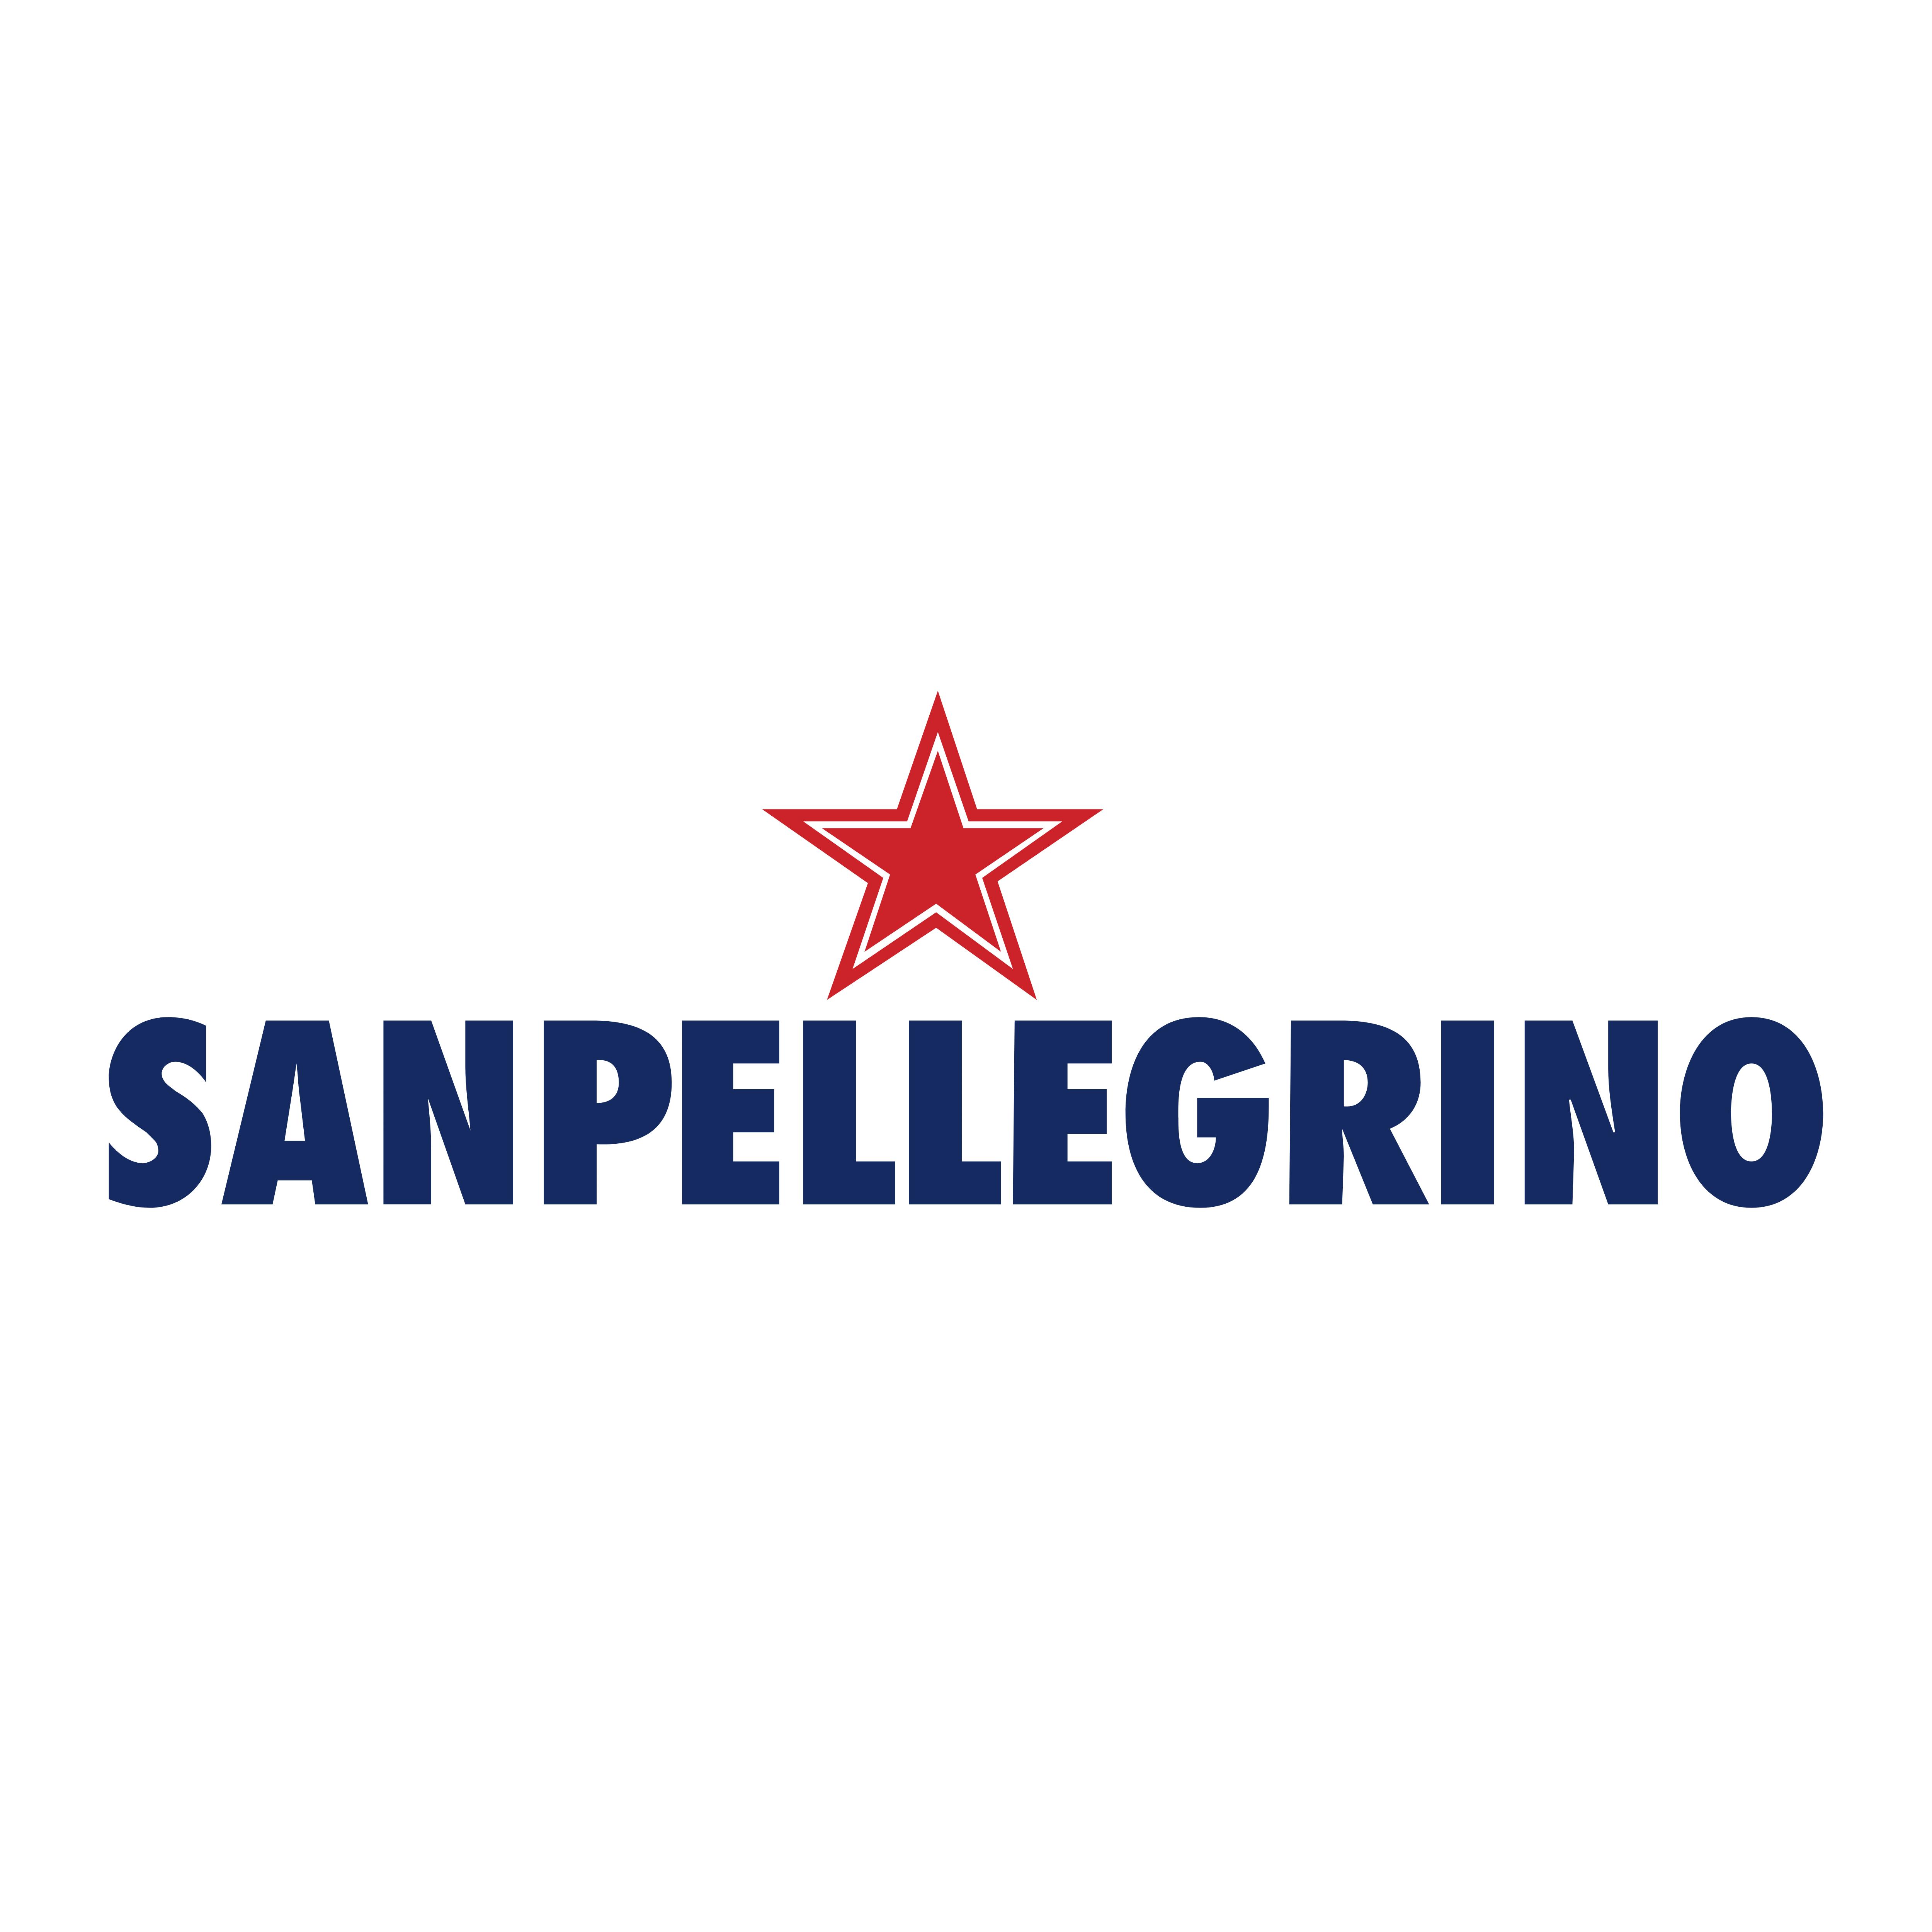 Sanpellegrino MEDIA